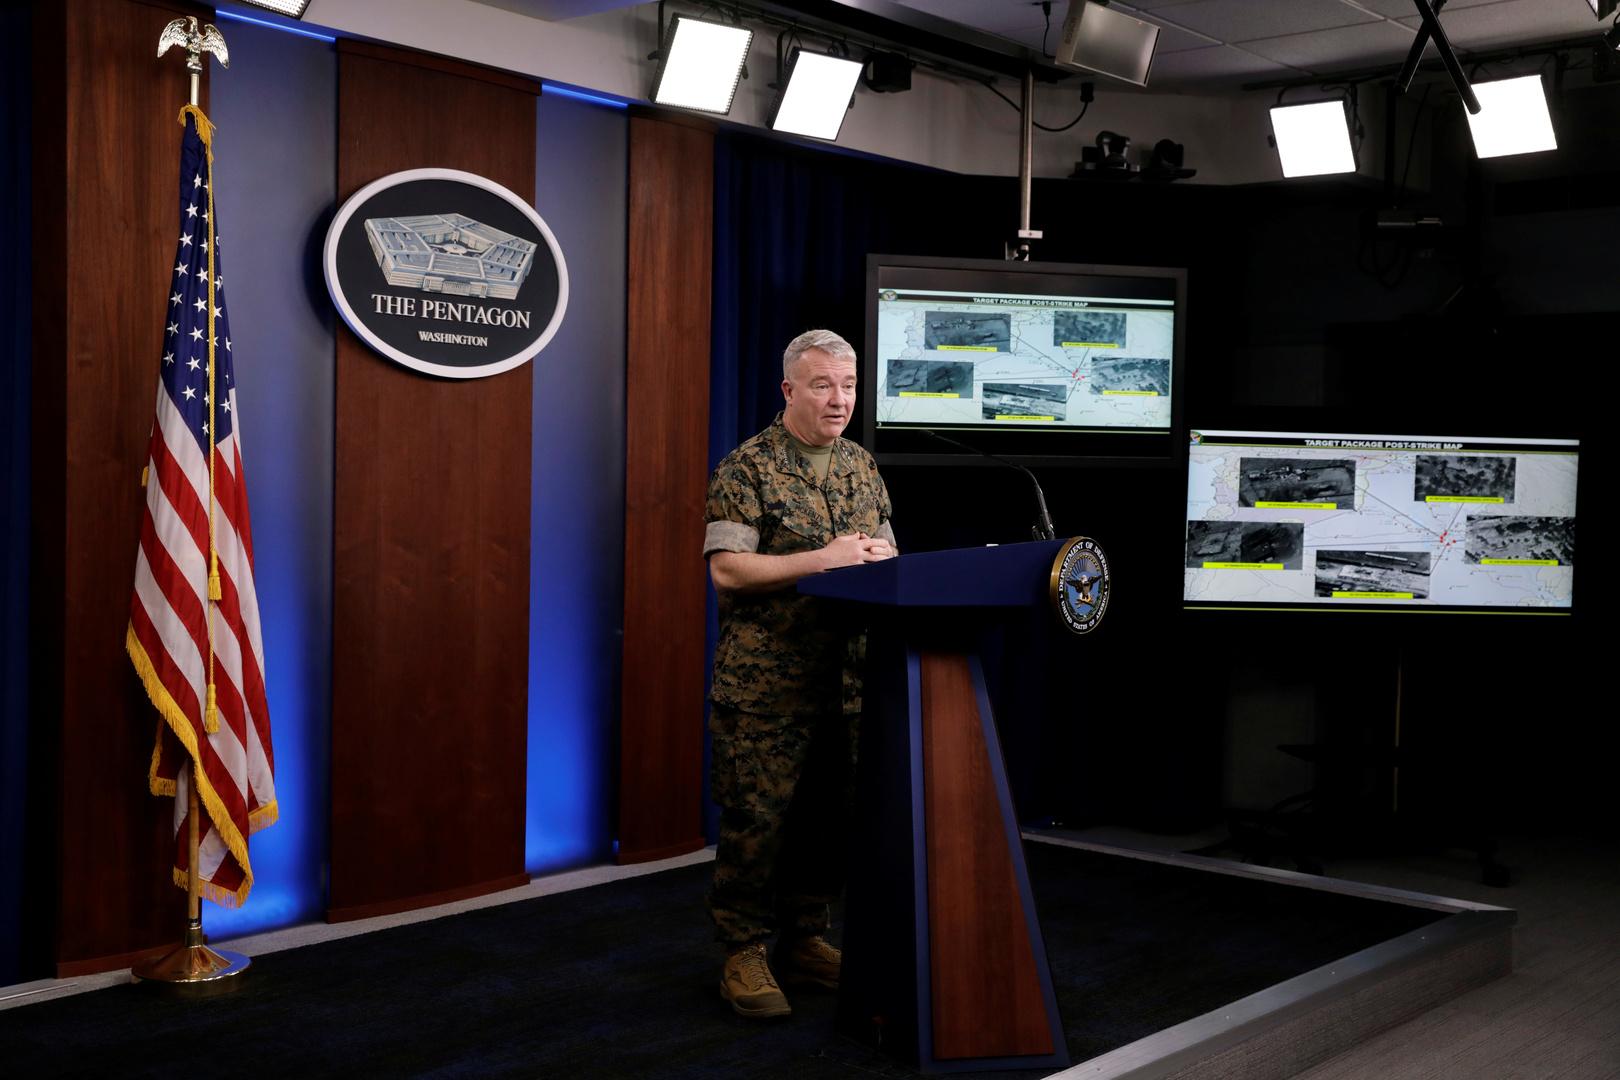 قائد القيادة المركزية للقوات المسلحة الأمريكية (سينتكوم) كينيث ماكينزي